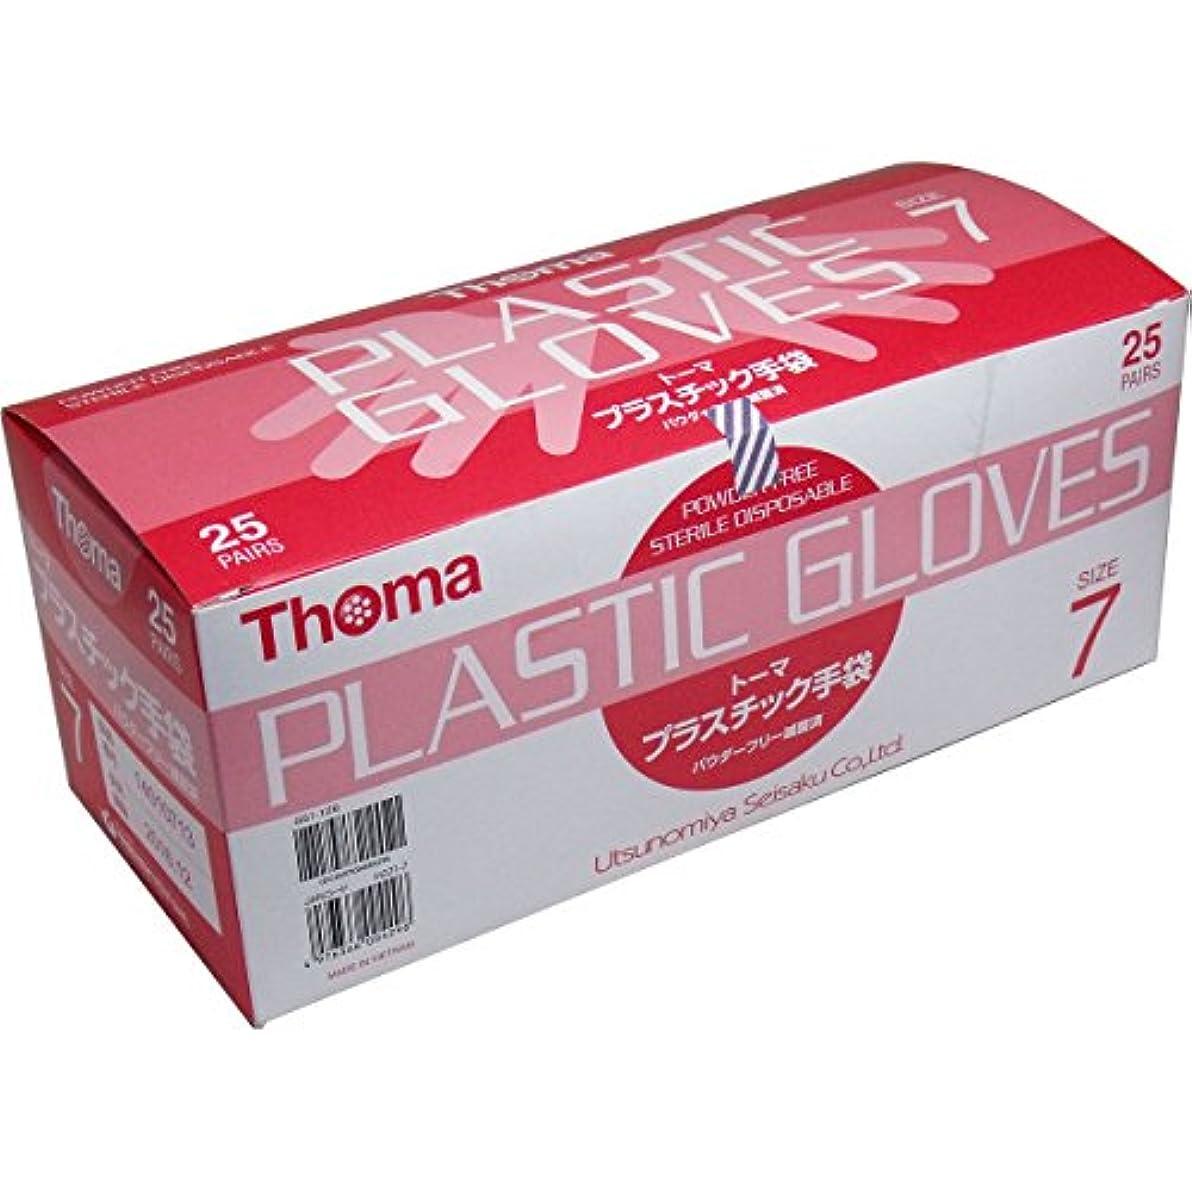 承認ピアニスト歯痛超薄手プラスチック手袋 ピッタリフィットする 使いやすい トーマ プラスチック手袋 パウダーフリー滅菌済 25双入 サイズ7【4個セット】